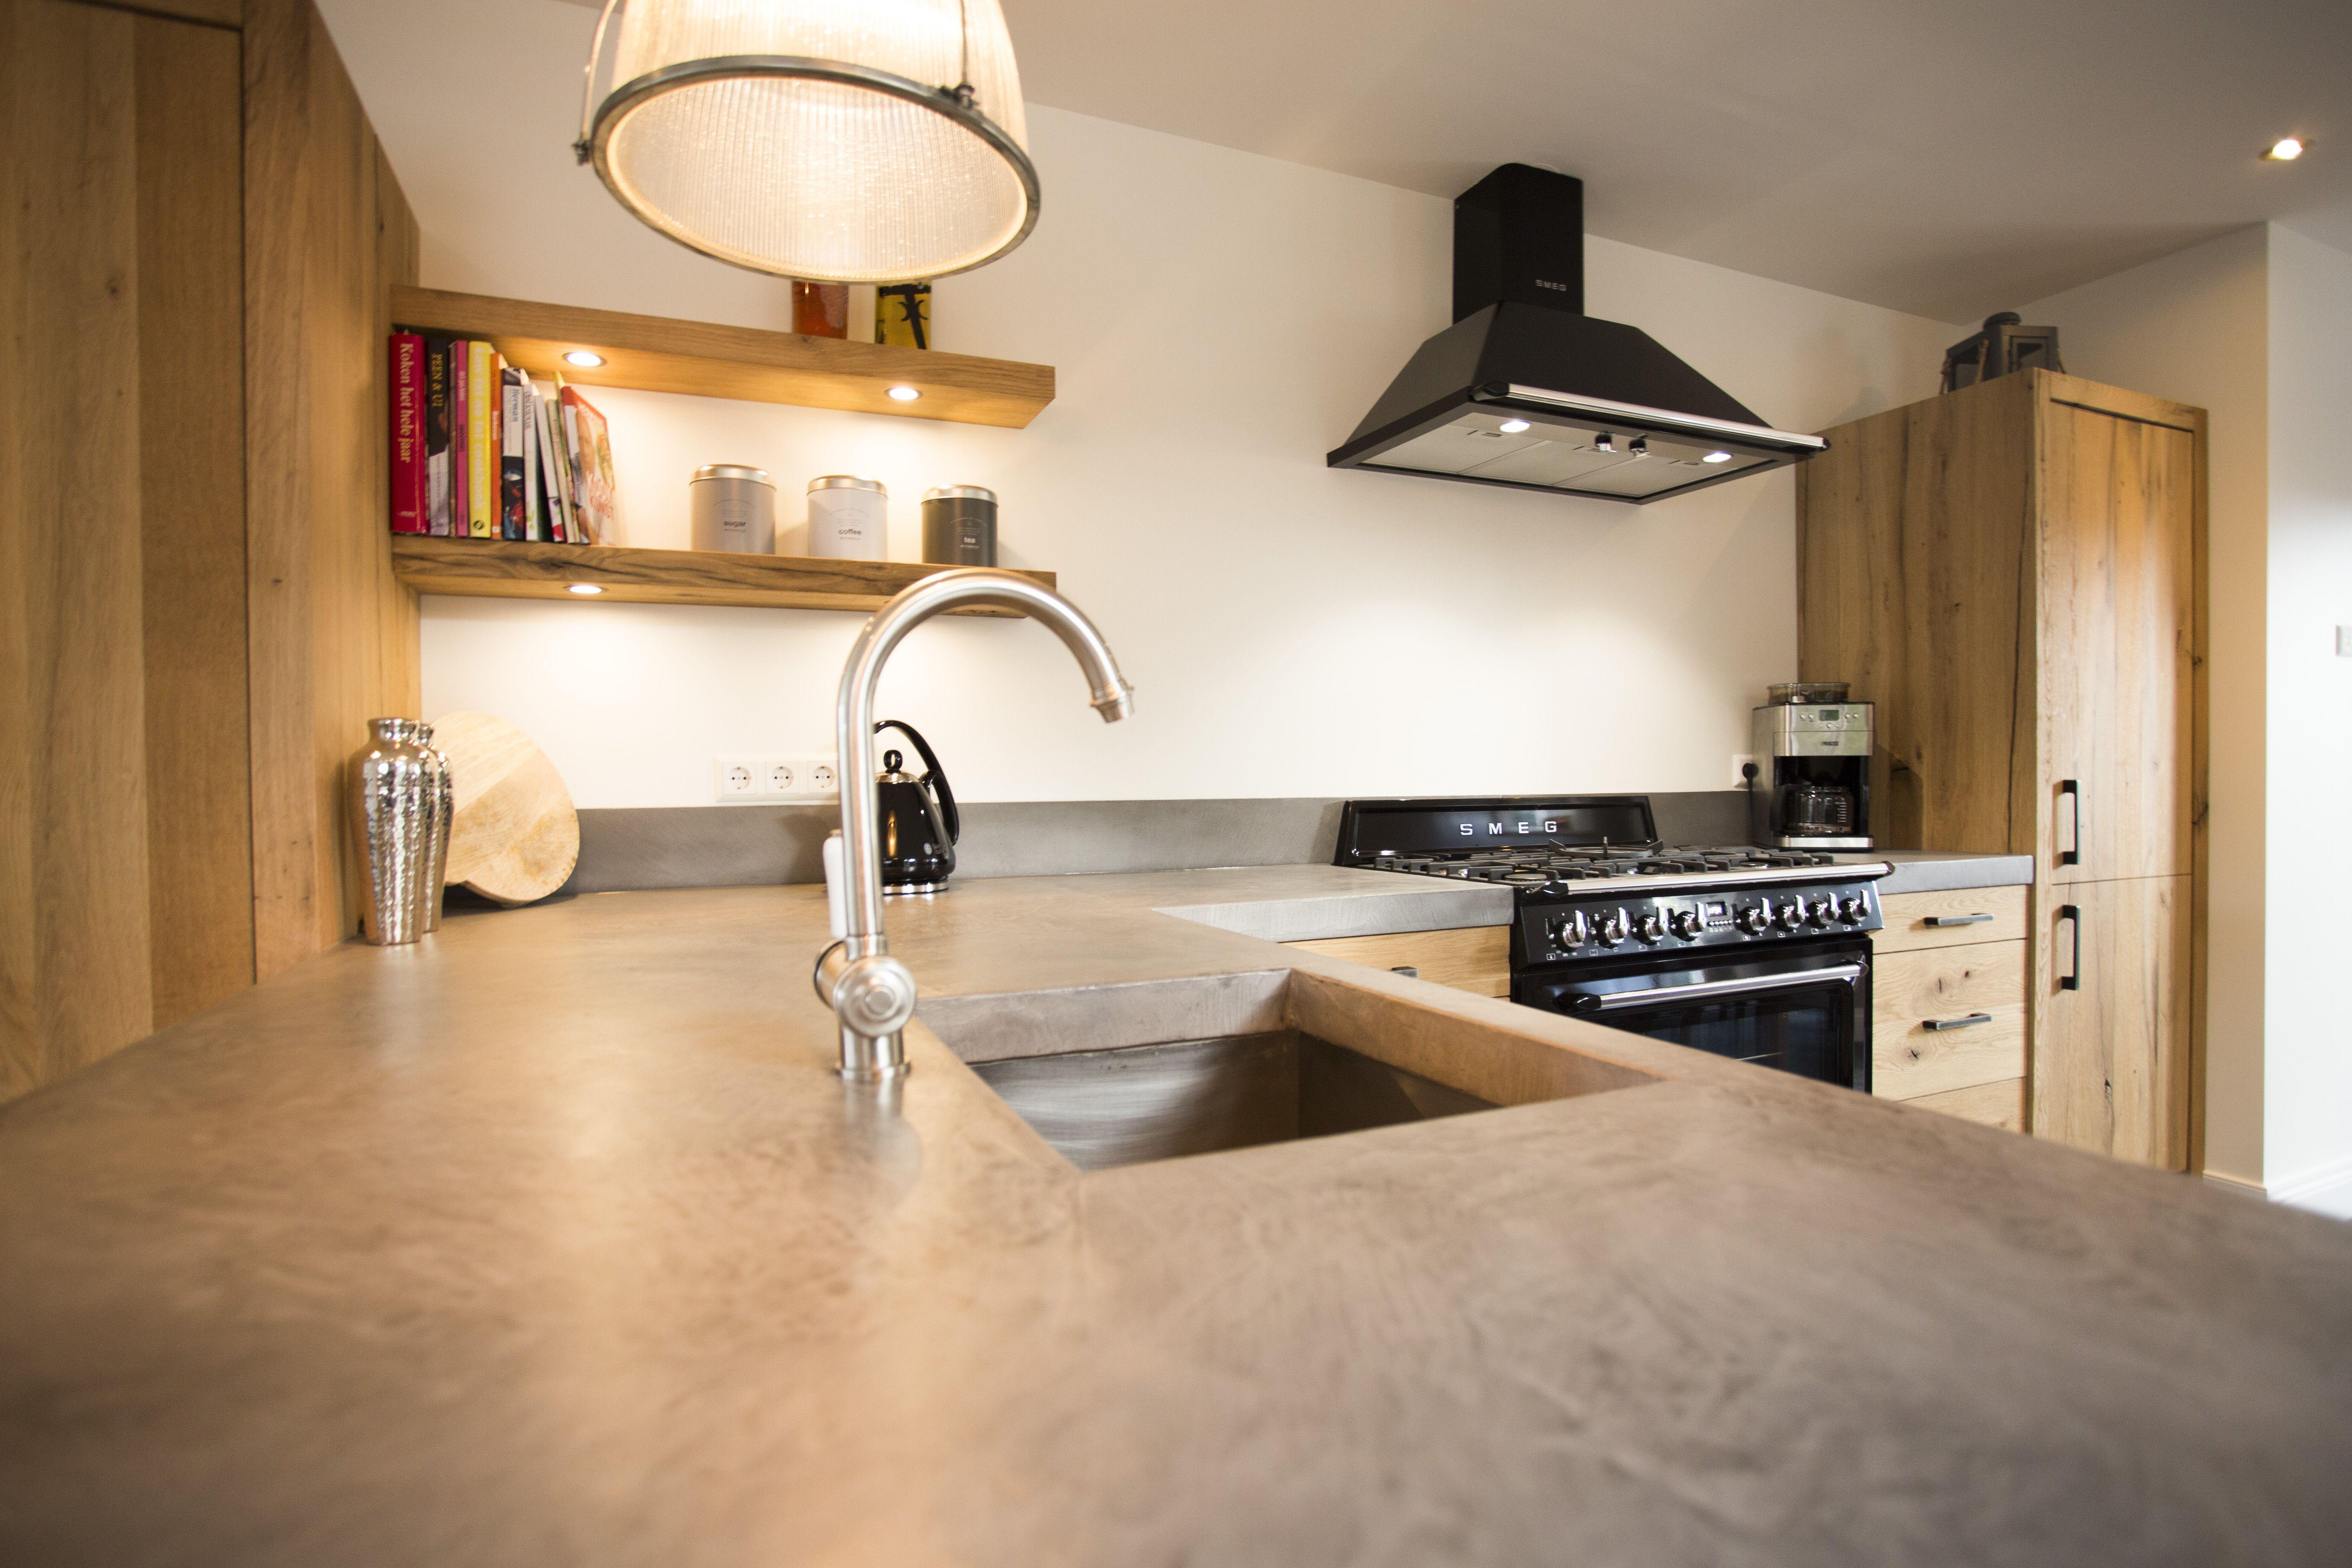 Keukenblad in beal mortex gemaakt door vloer zo interieur zo